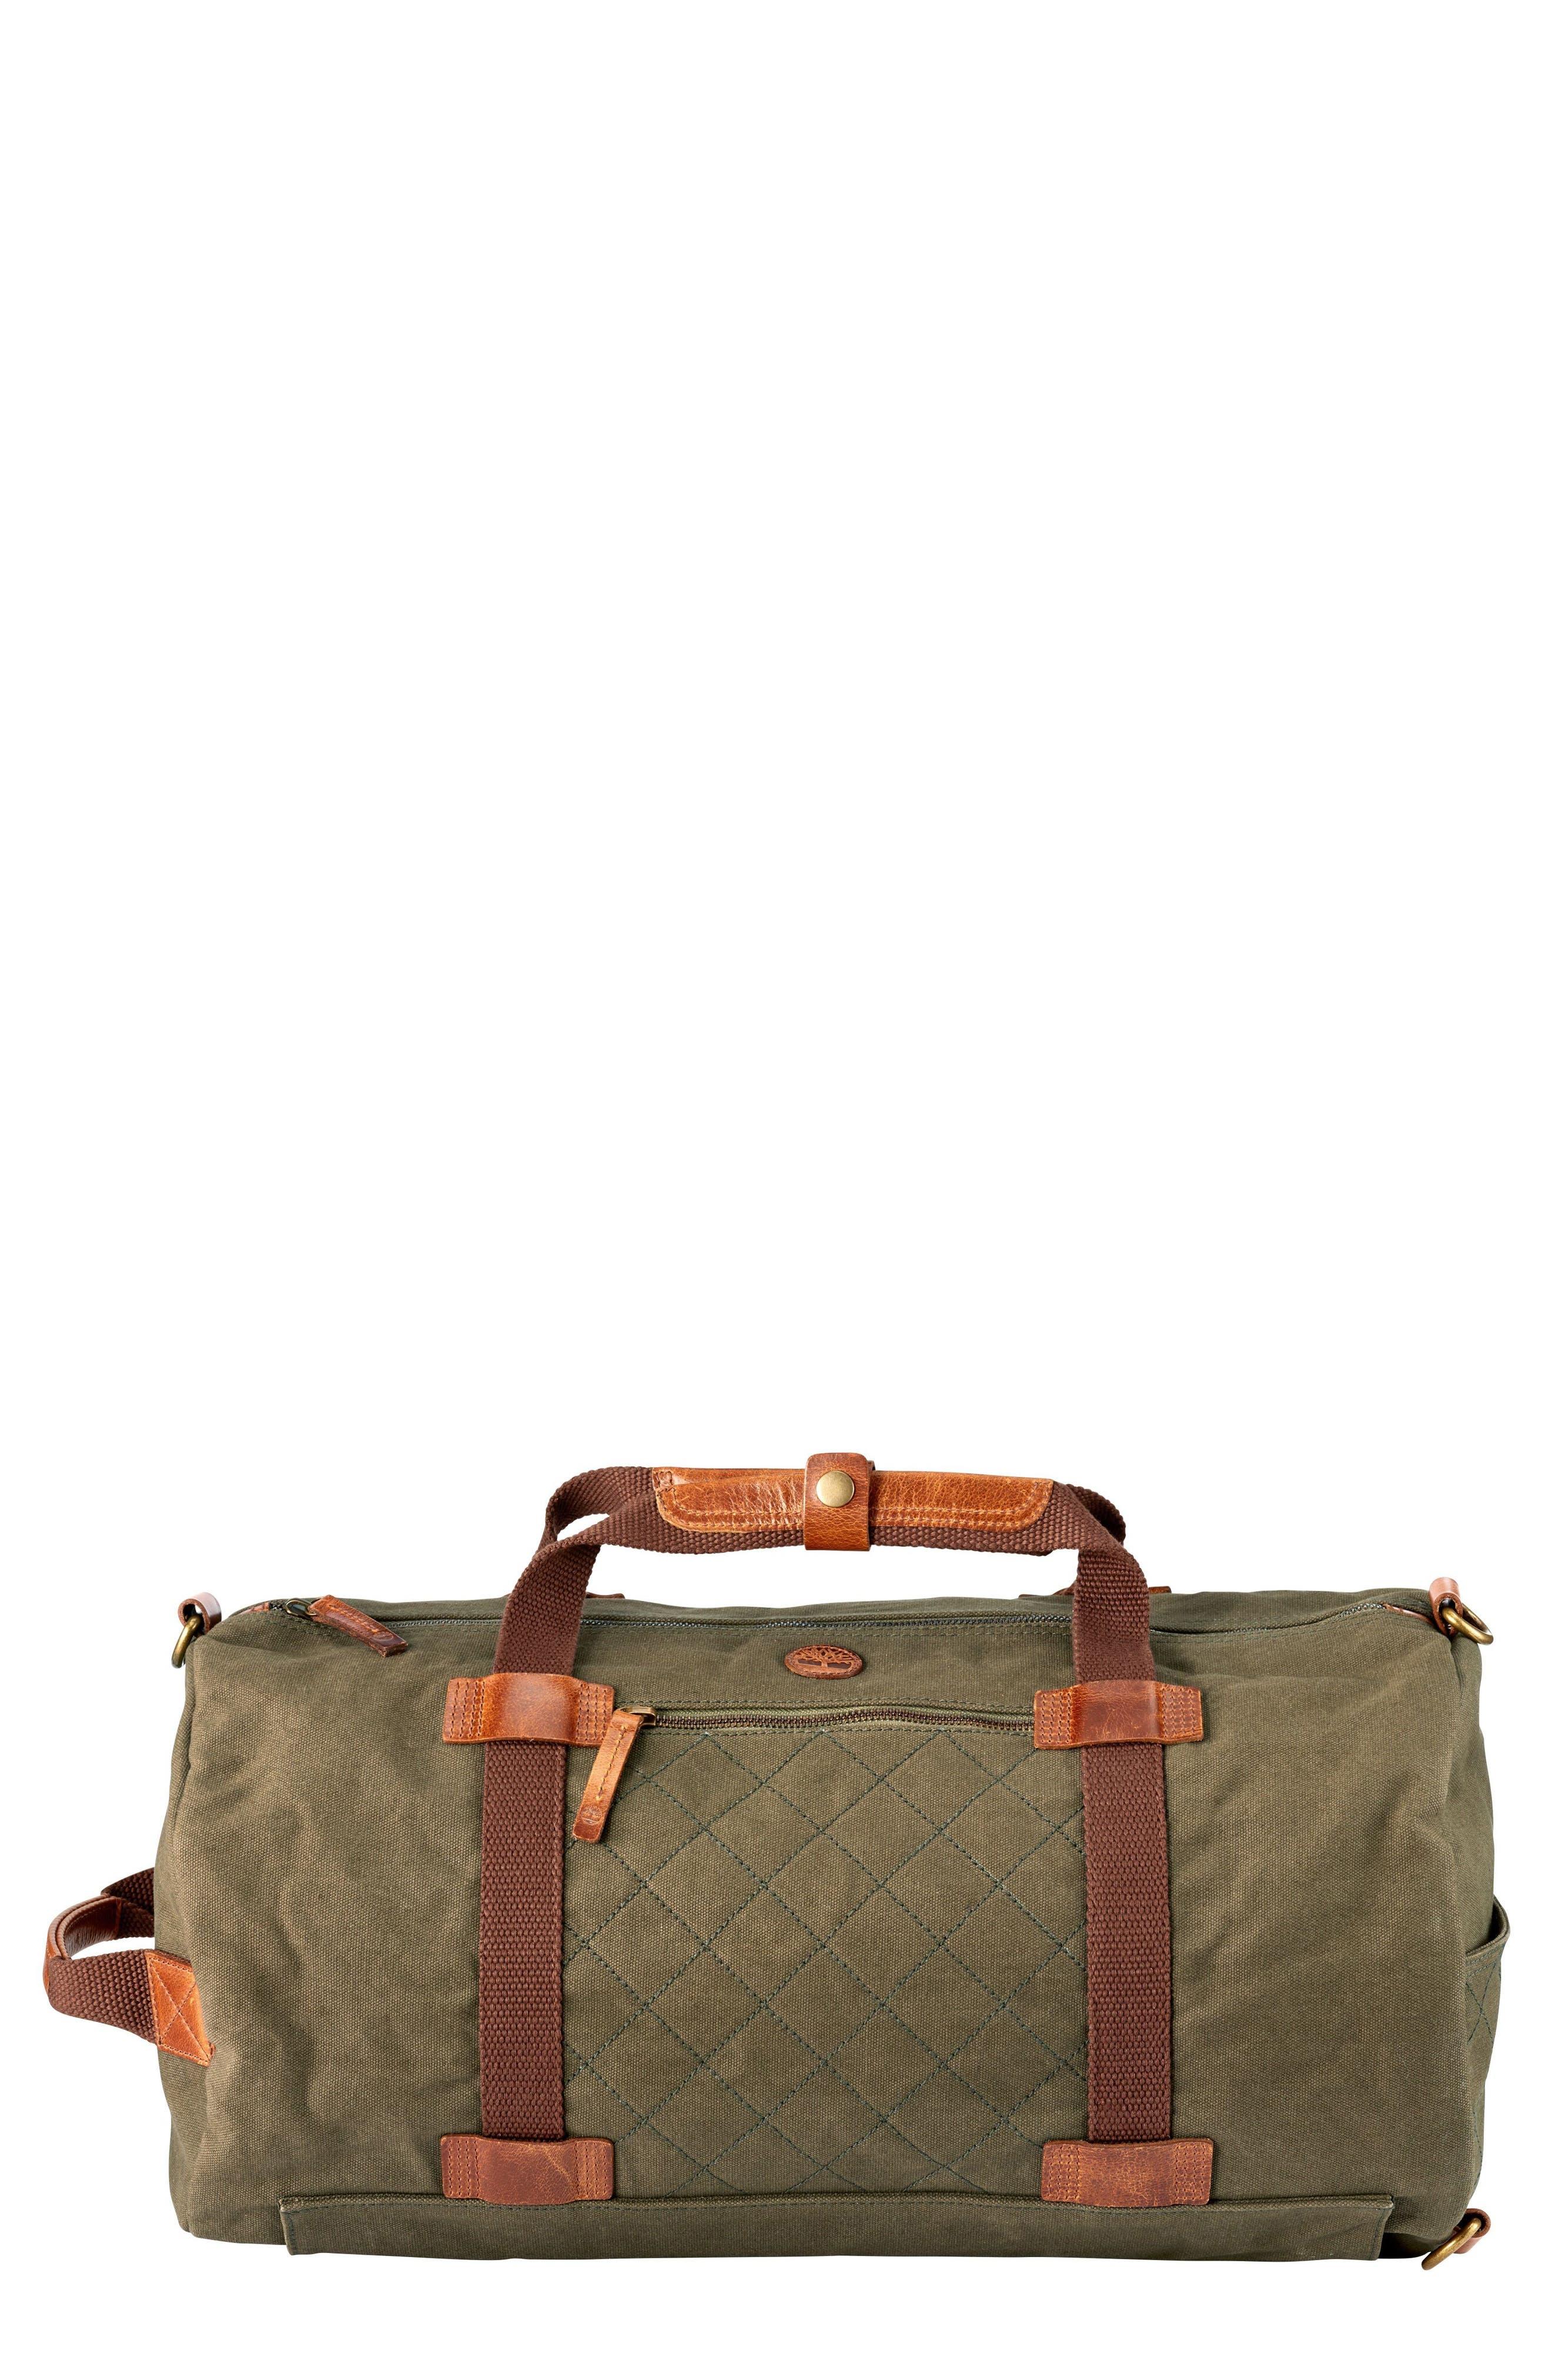 Nantasket Duffel Bag,                         Main,                         color, 335